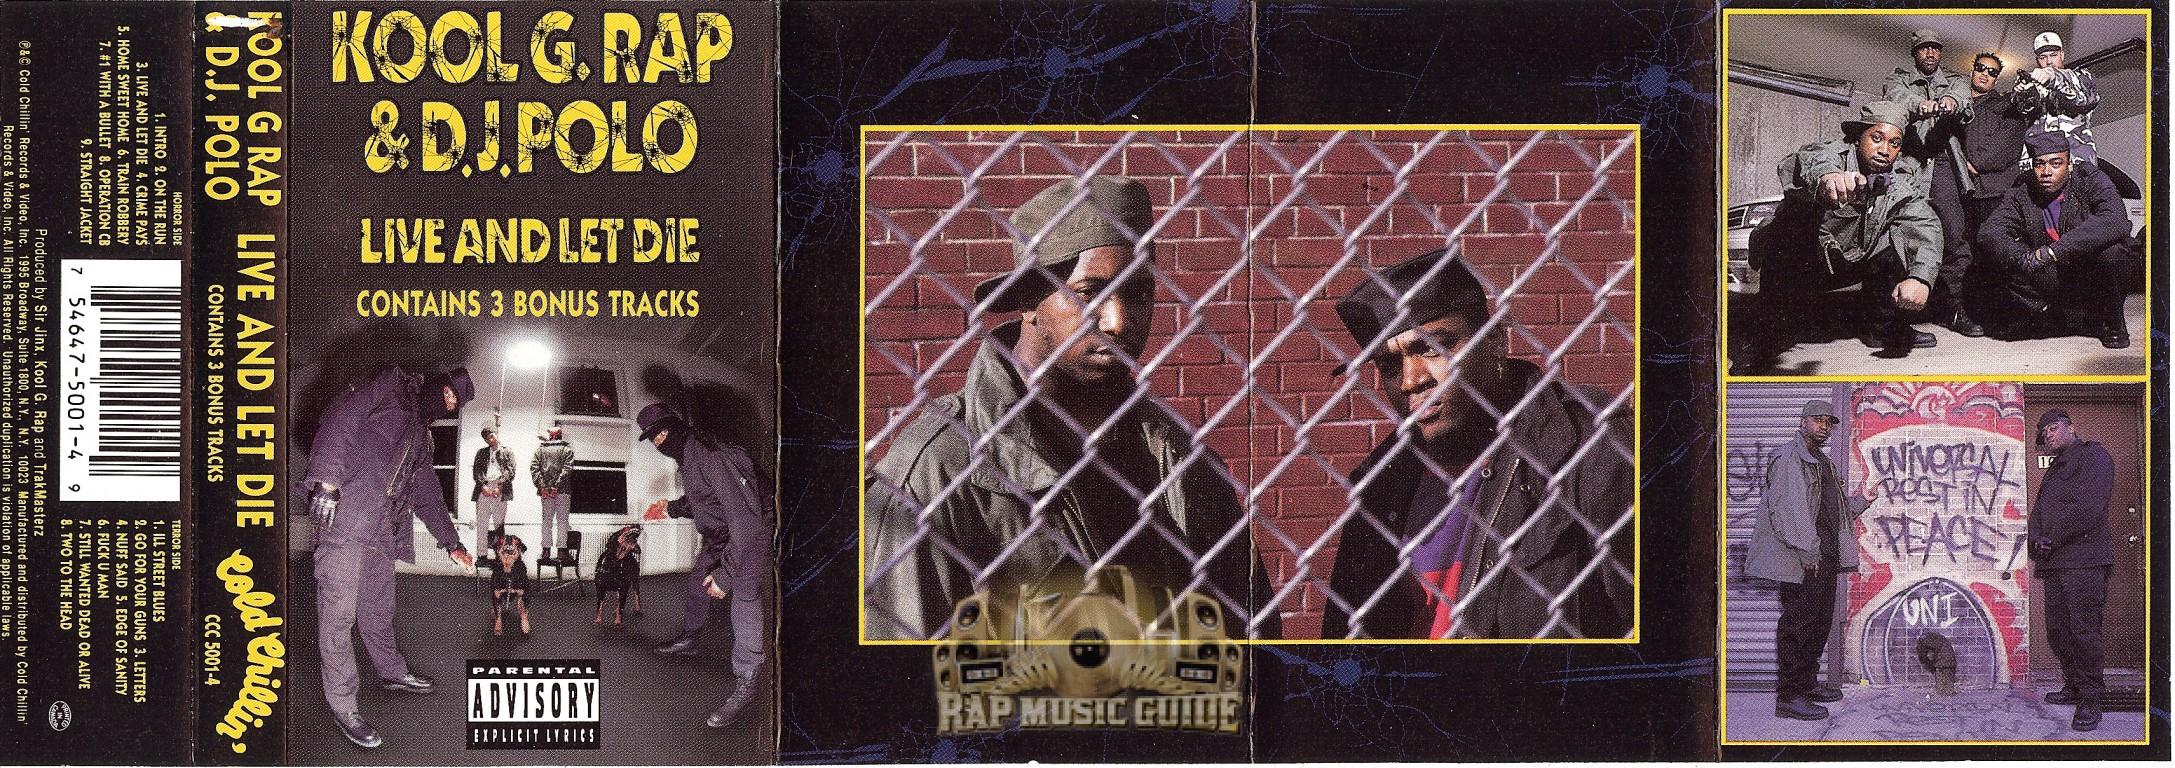 Kool G Rap and D.J. Polo On The Run